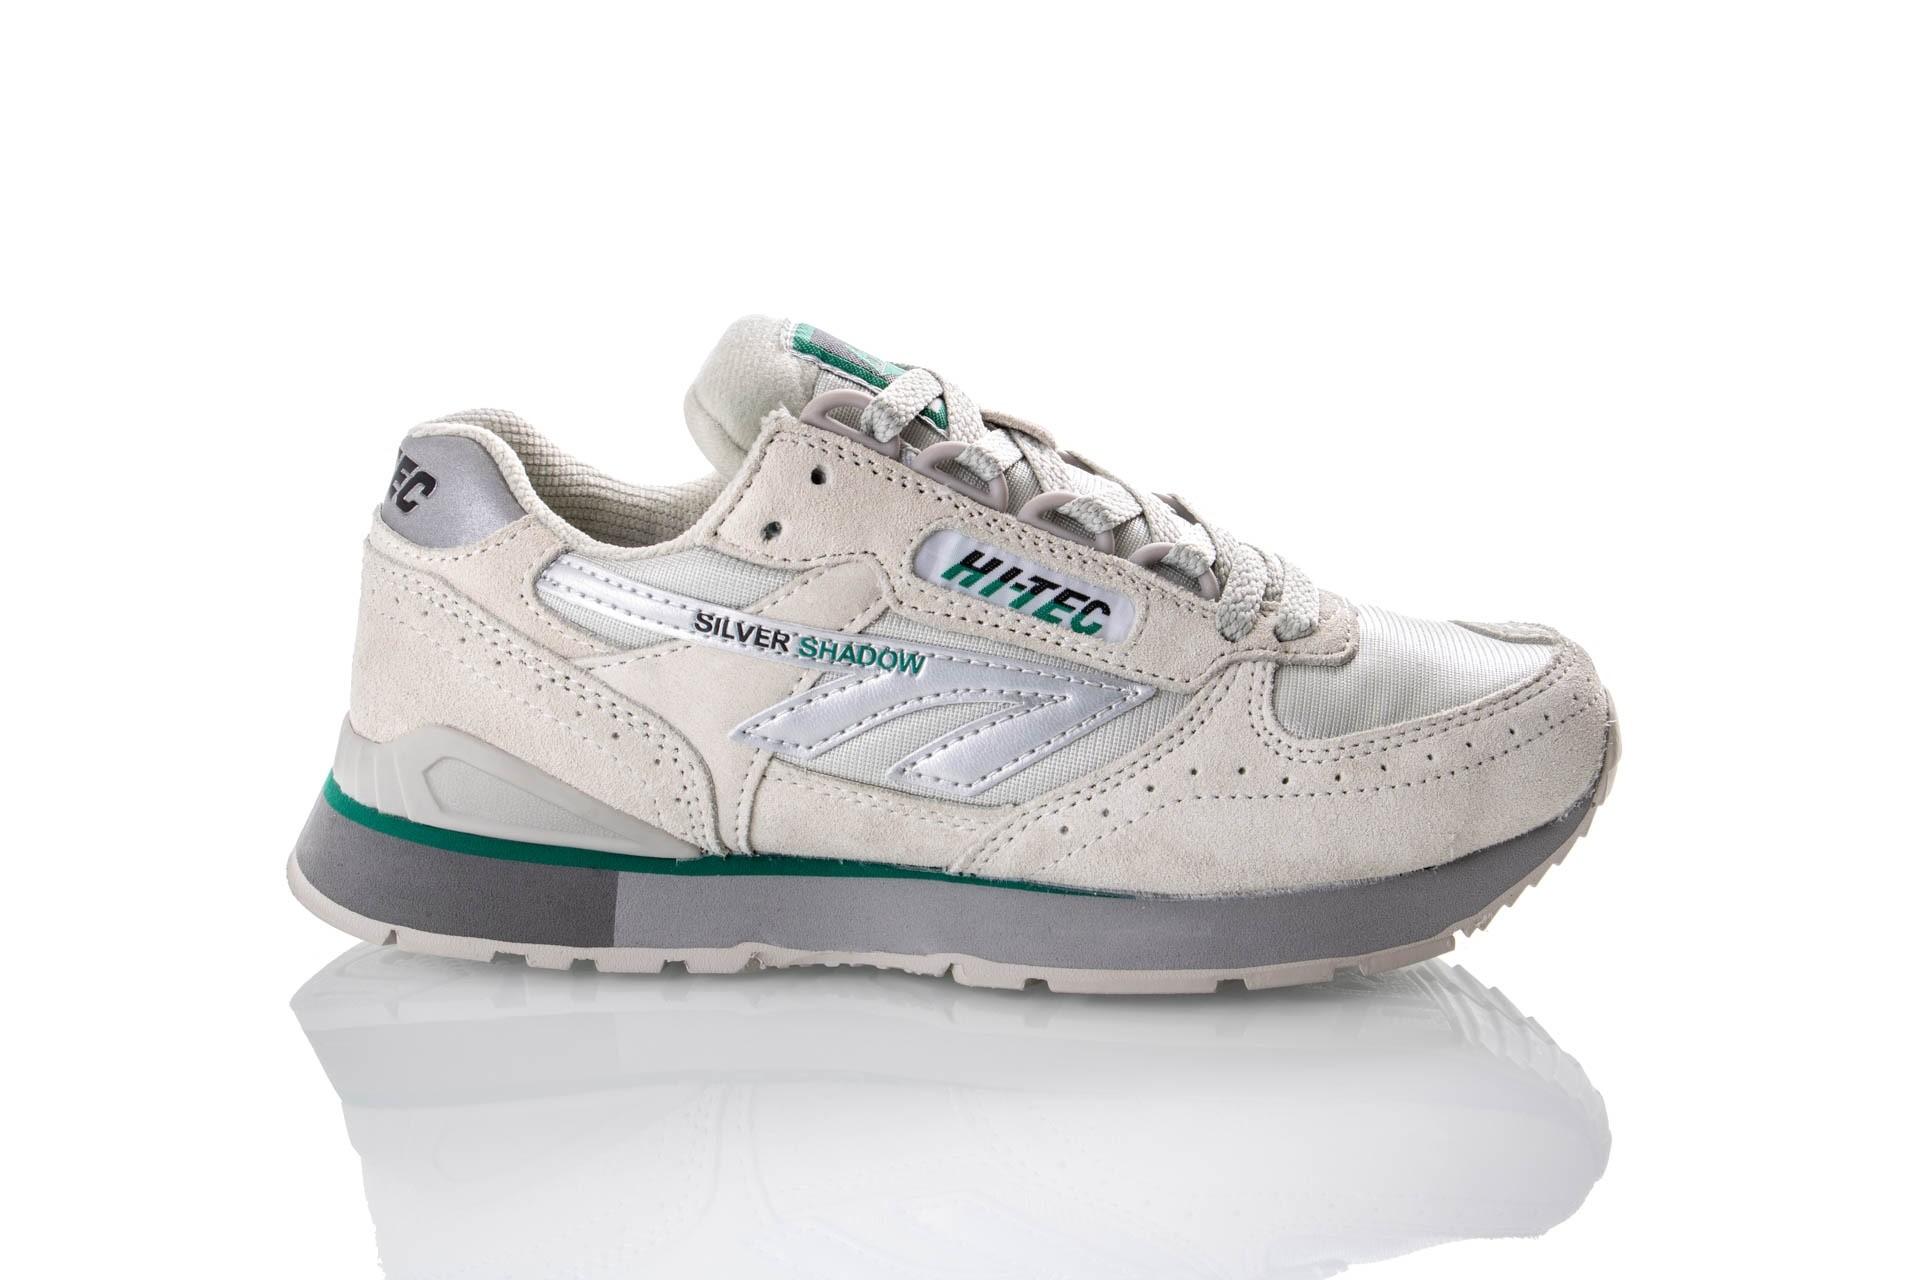 Foto van Hi-Tec SILVER SHADOW 006914 / 051 Sneakers Silver / OG Green